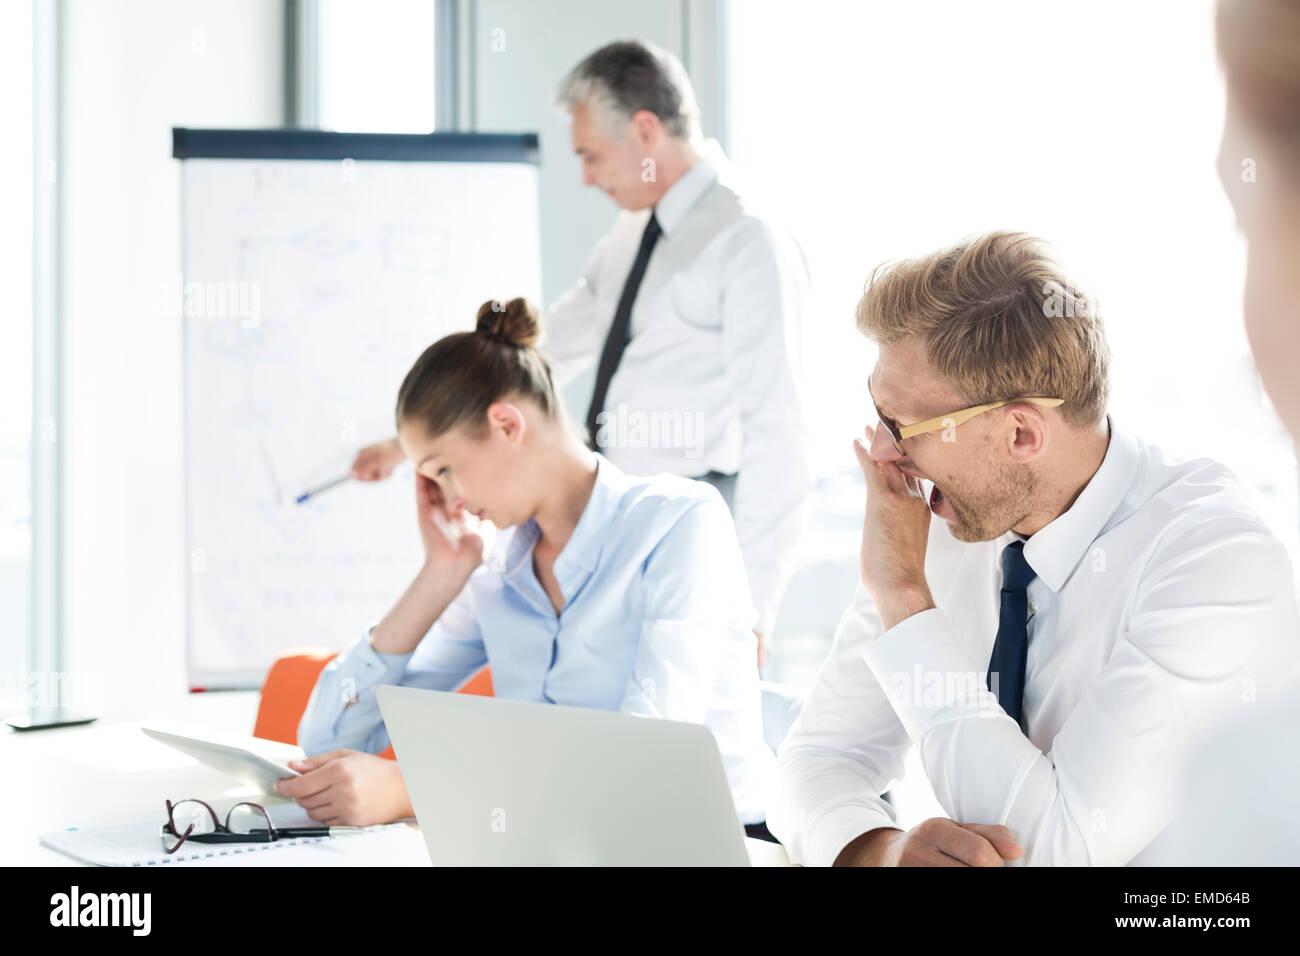 La gente de negocios en el desarrollo de nuevas ideas y de taller Imagen De Stock